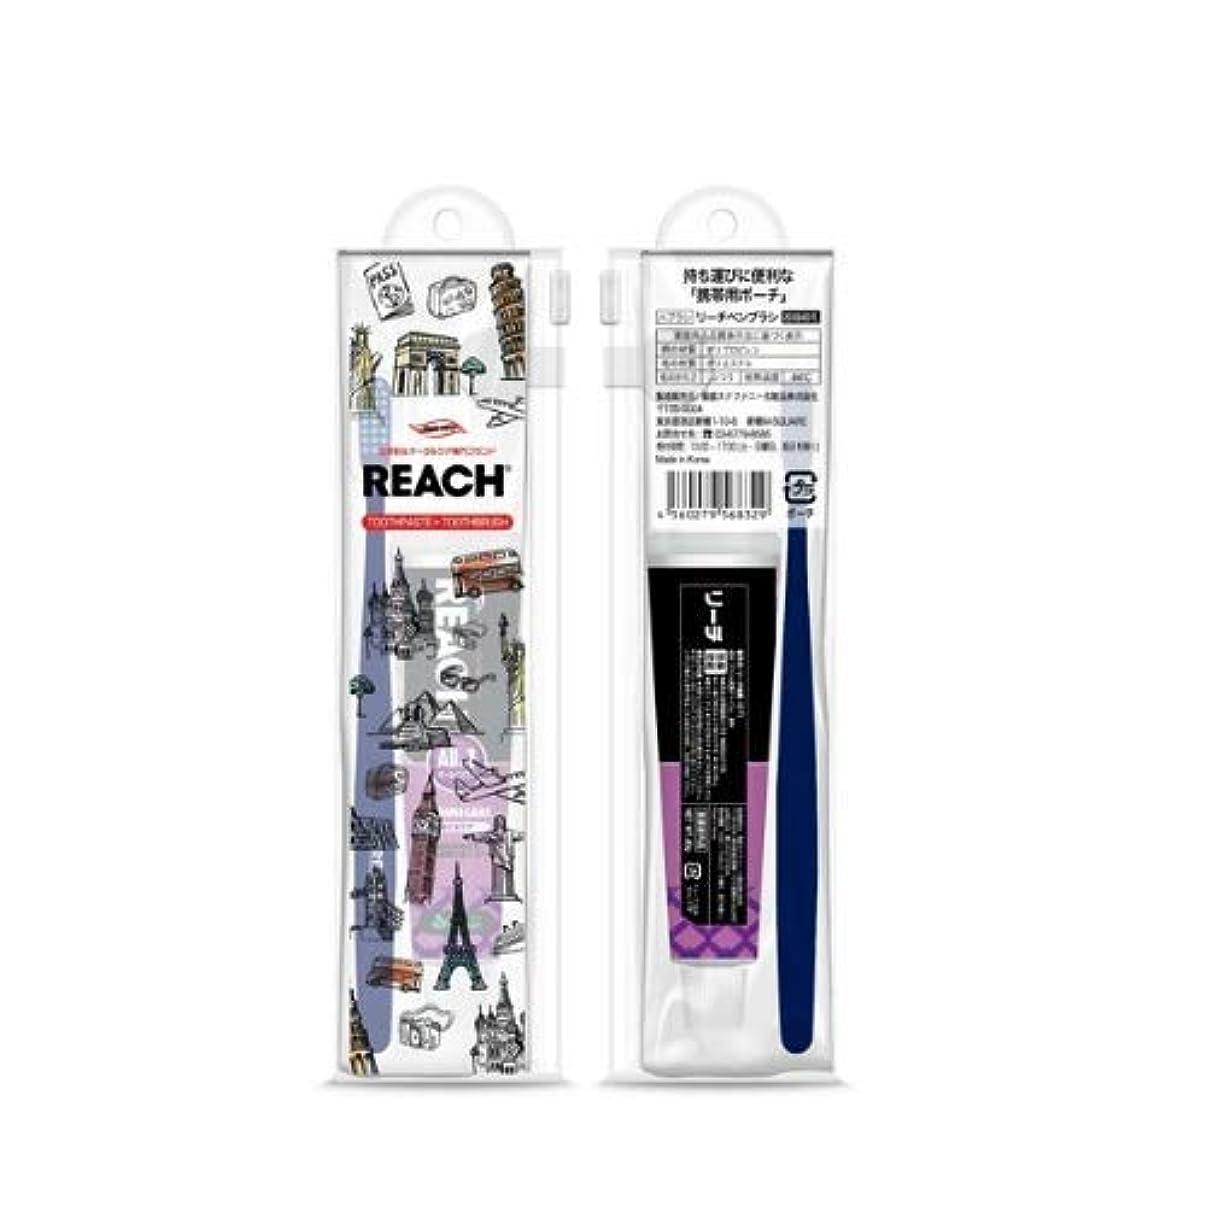 準拠モノグラフみすぼらしいリーチトラベルセット(デンタル歯ブラシ1本?薬用歯みがき40g) × 6個セット